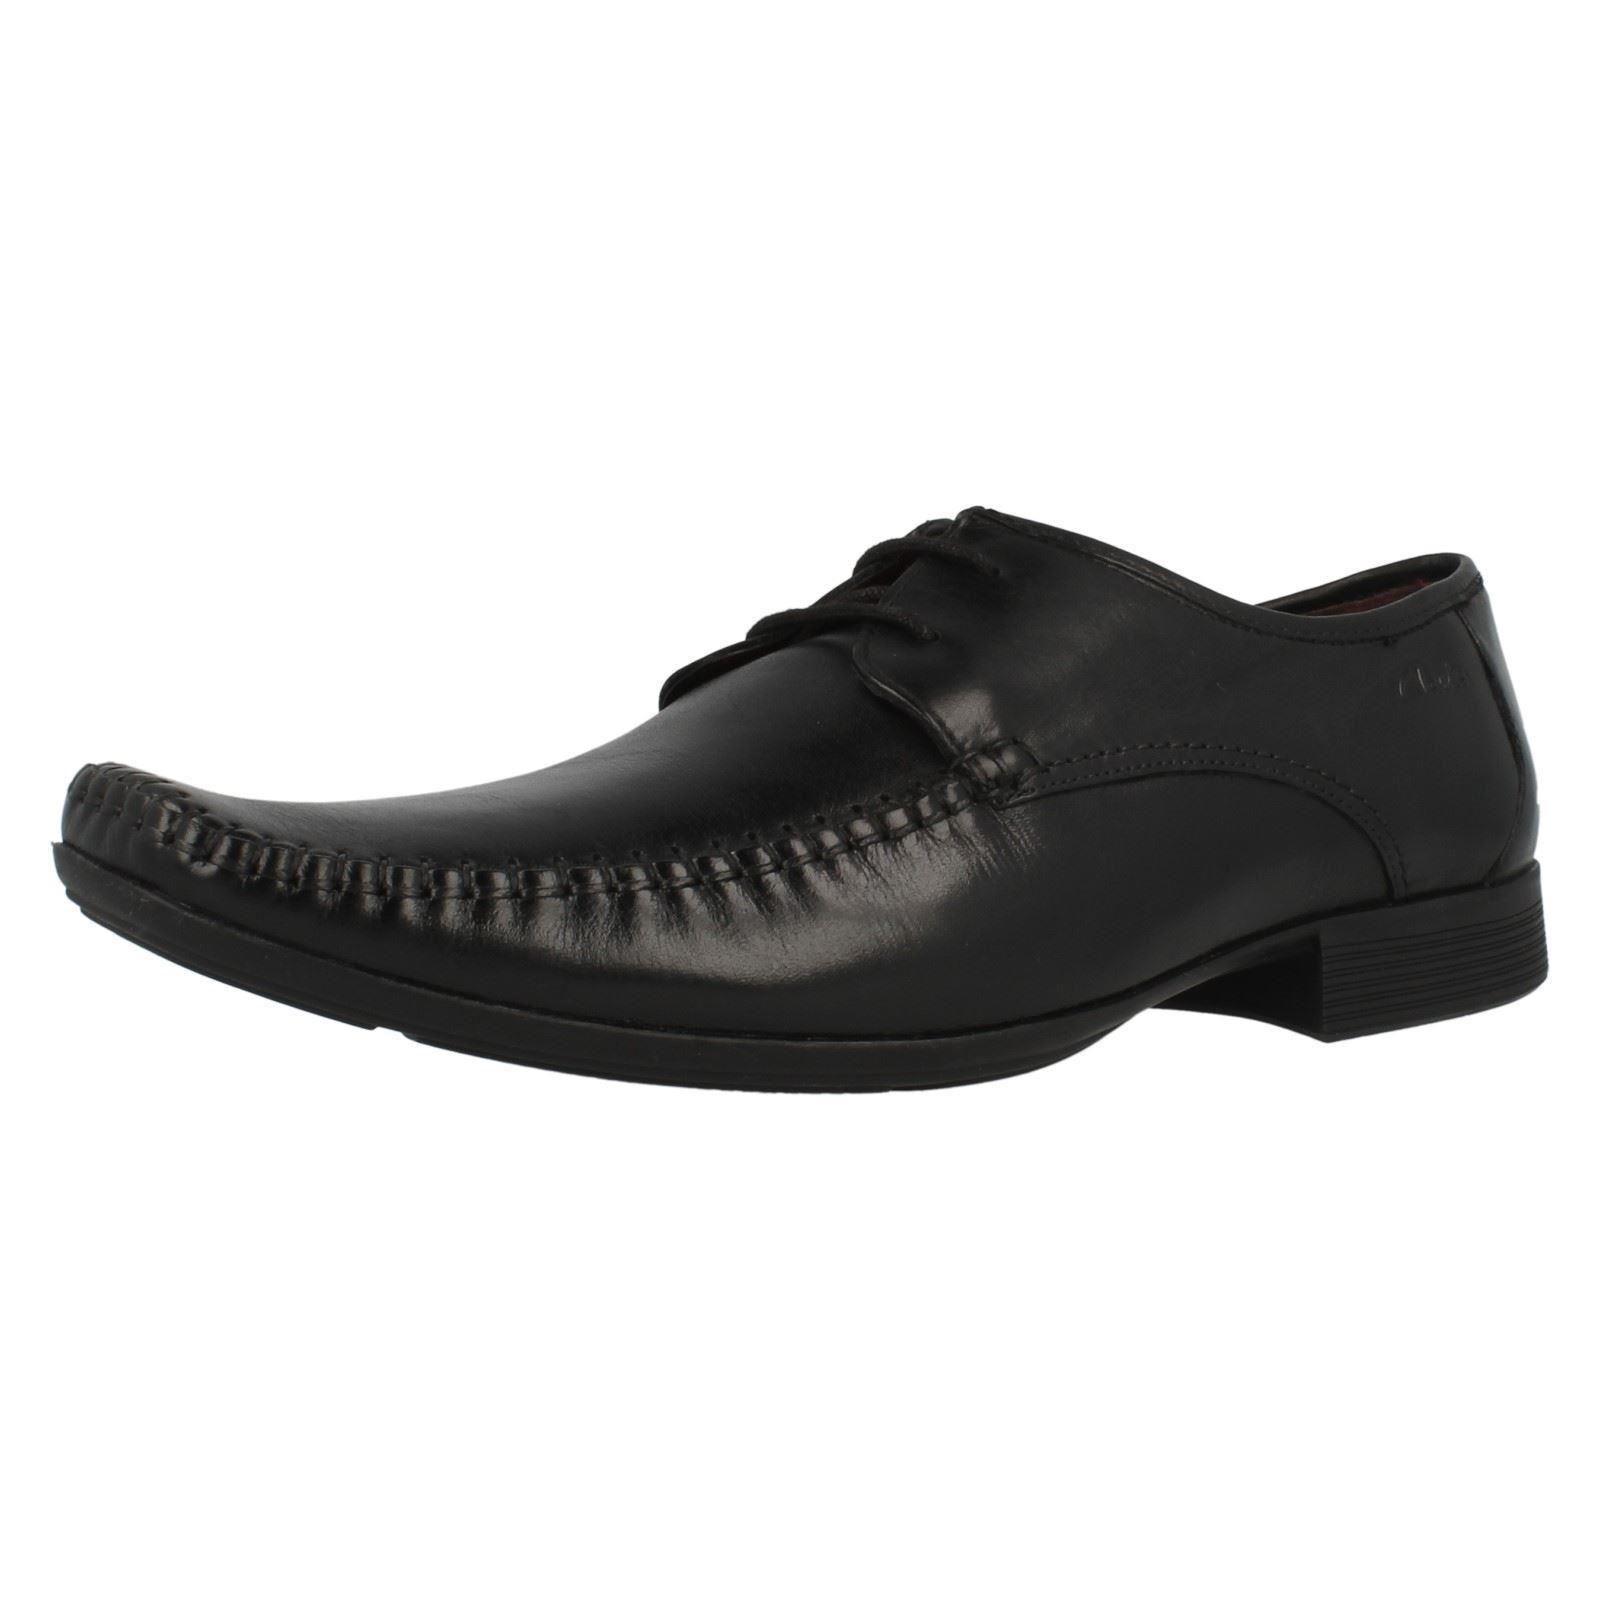 Ausverkauf Clarks' Ferro Spazier' Herren Schwarze Geschnürte Leder Derby Schuhe